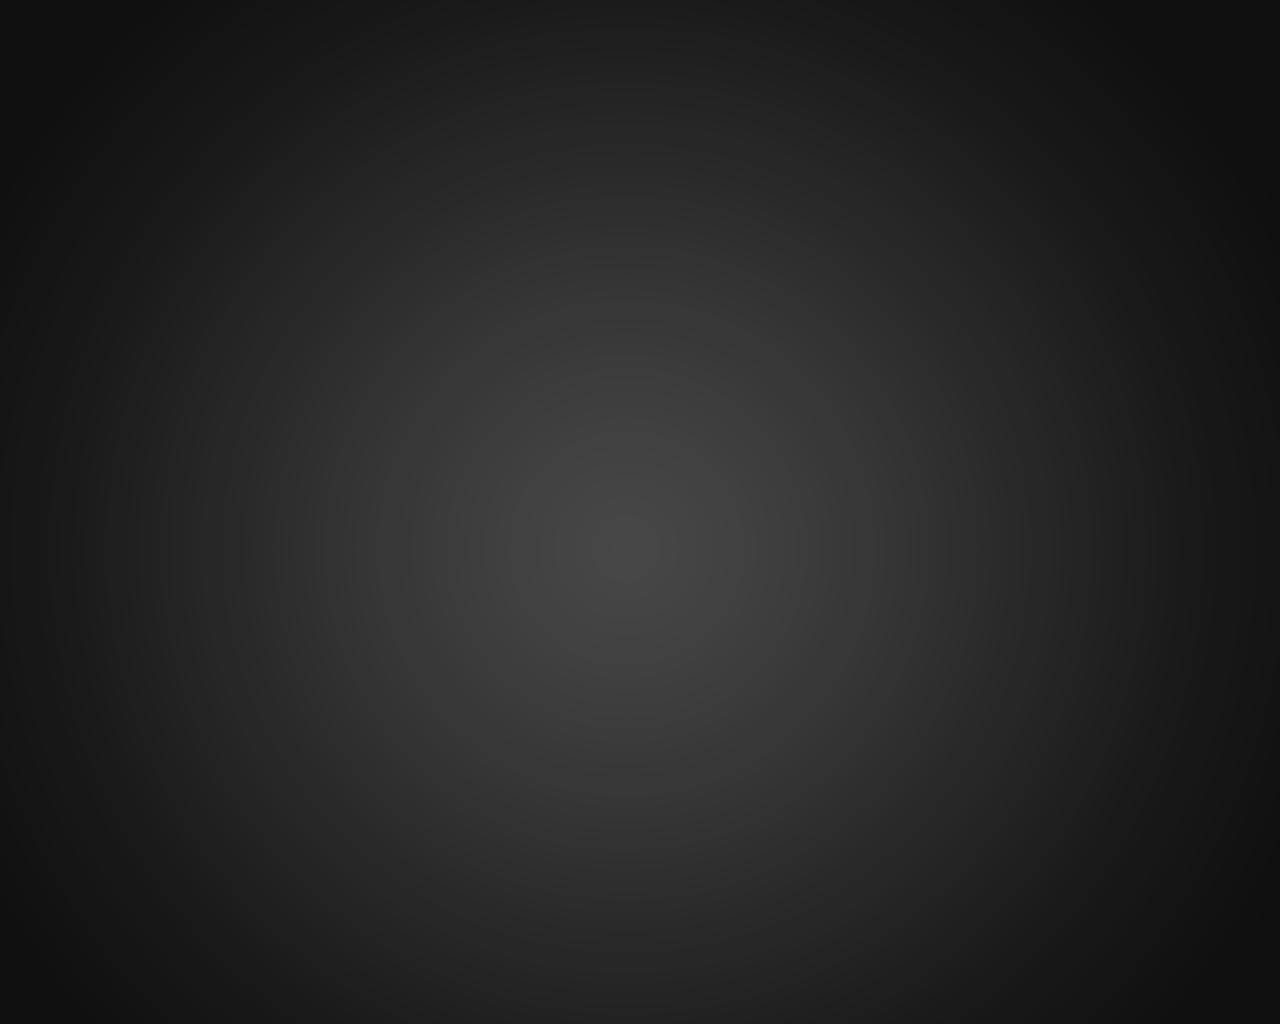 dark-2-opaque-gradient.png ...